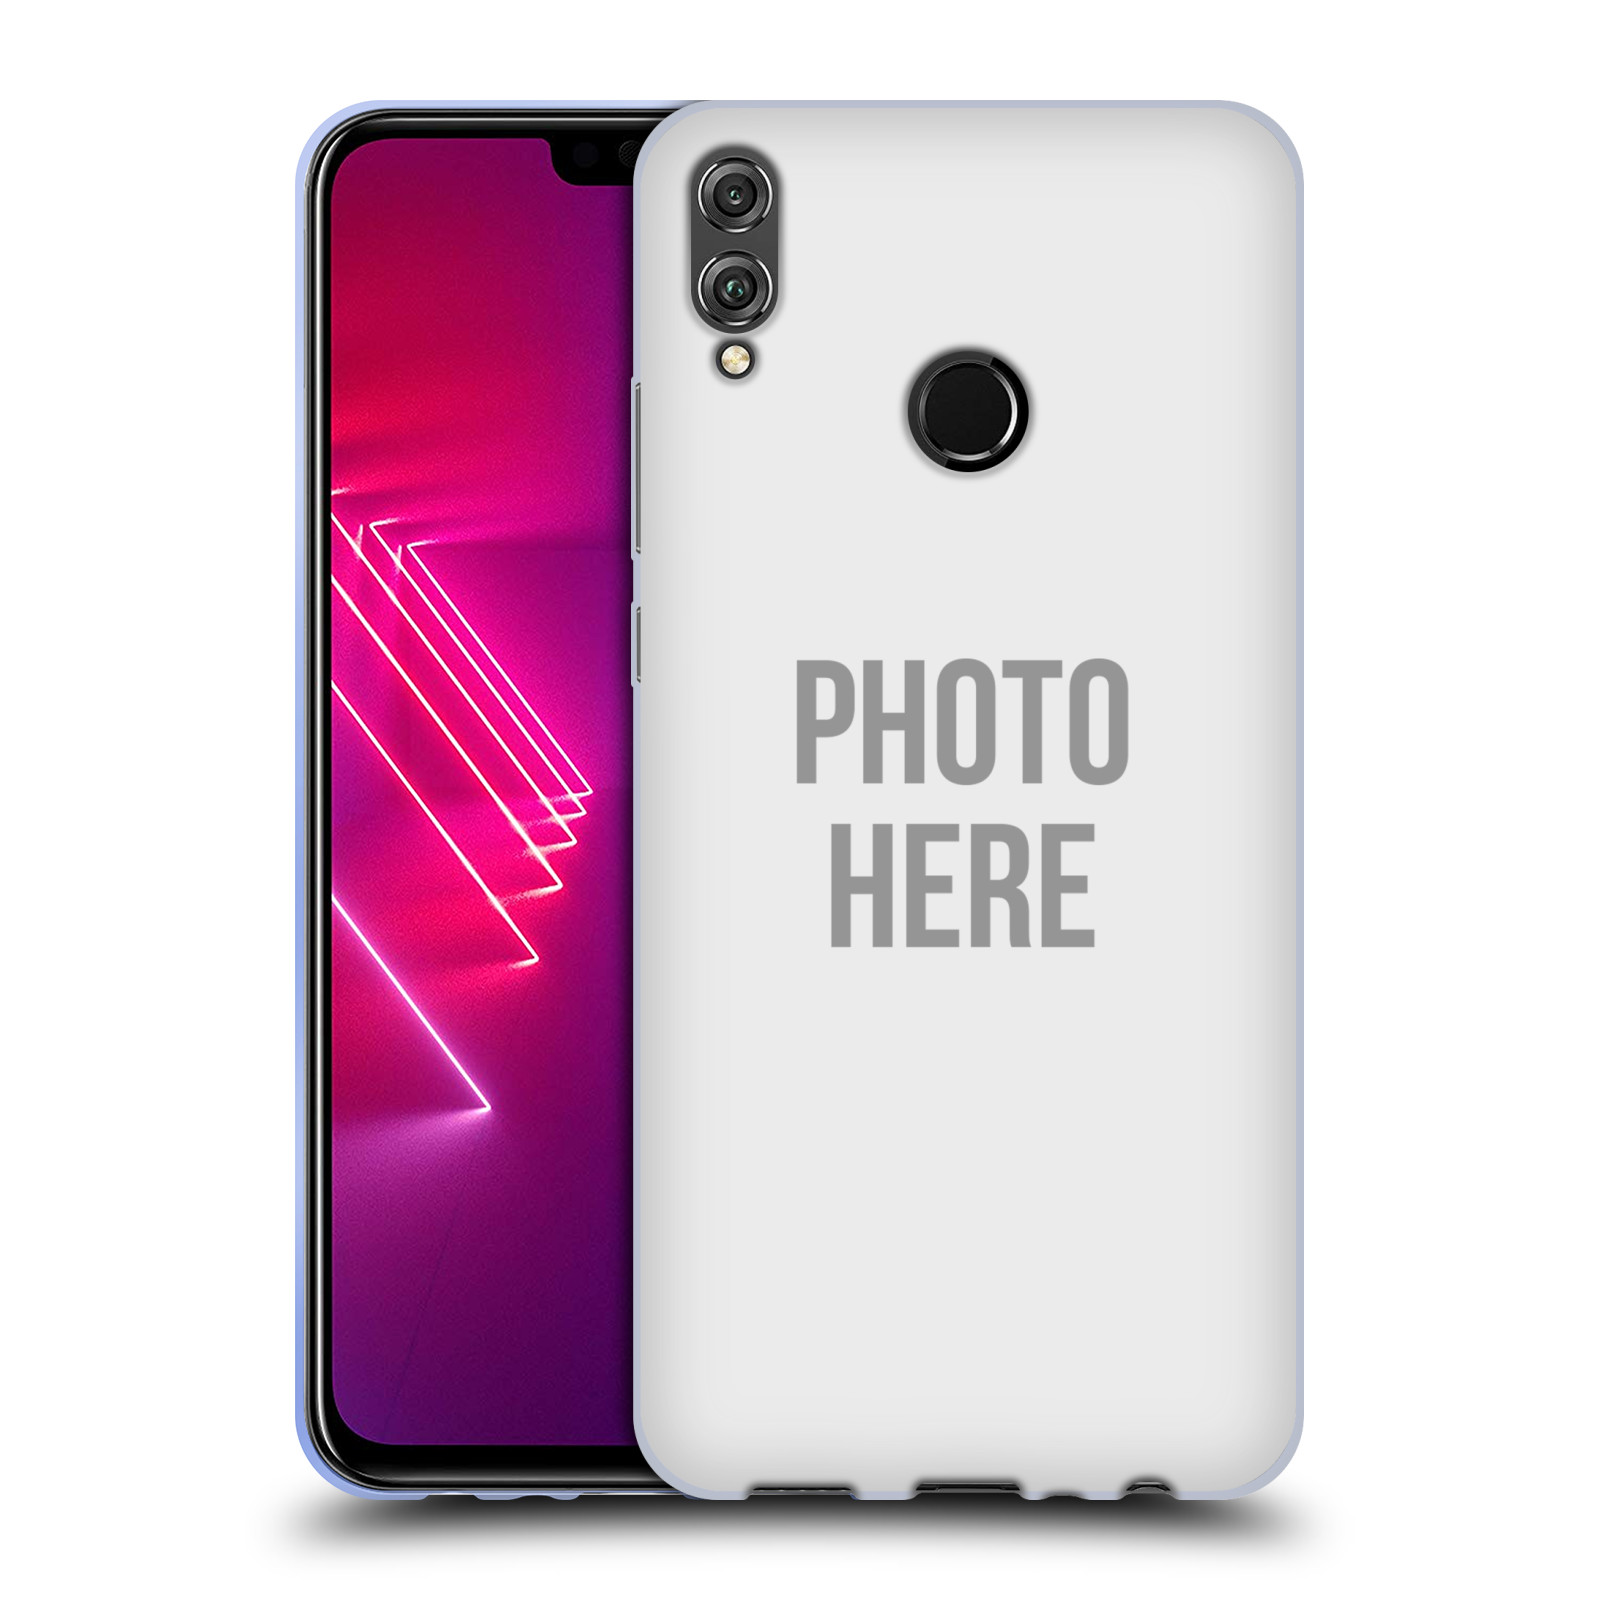 Silikonové pouzdro na mobil Honor View 10 Lite - Head Case - s vlastním motivem